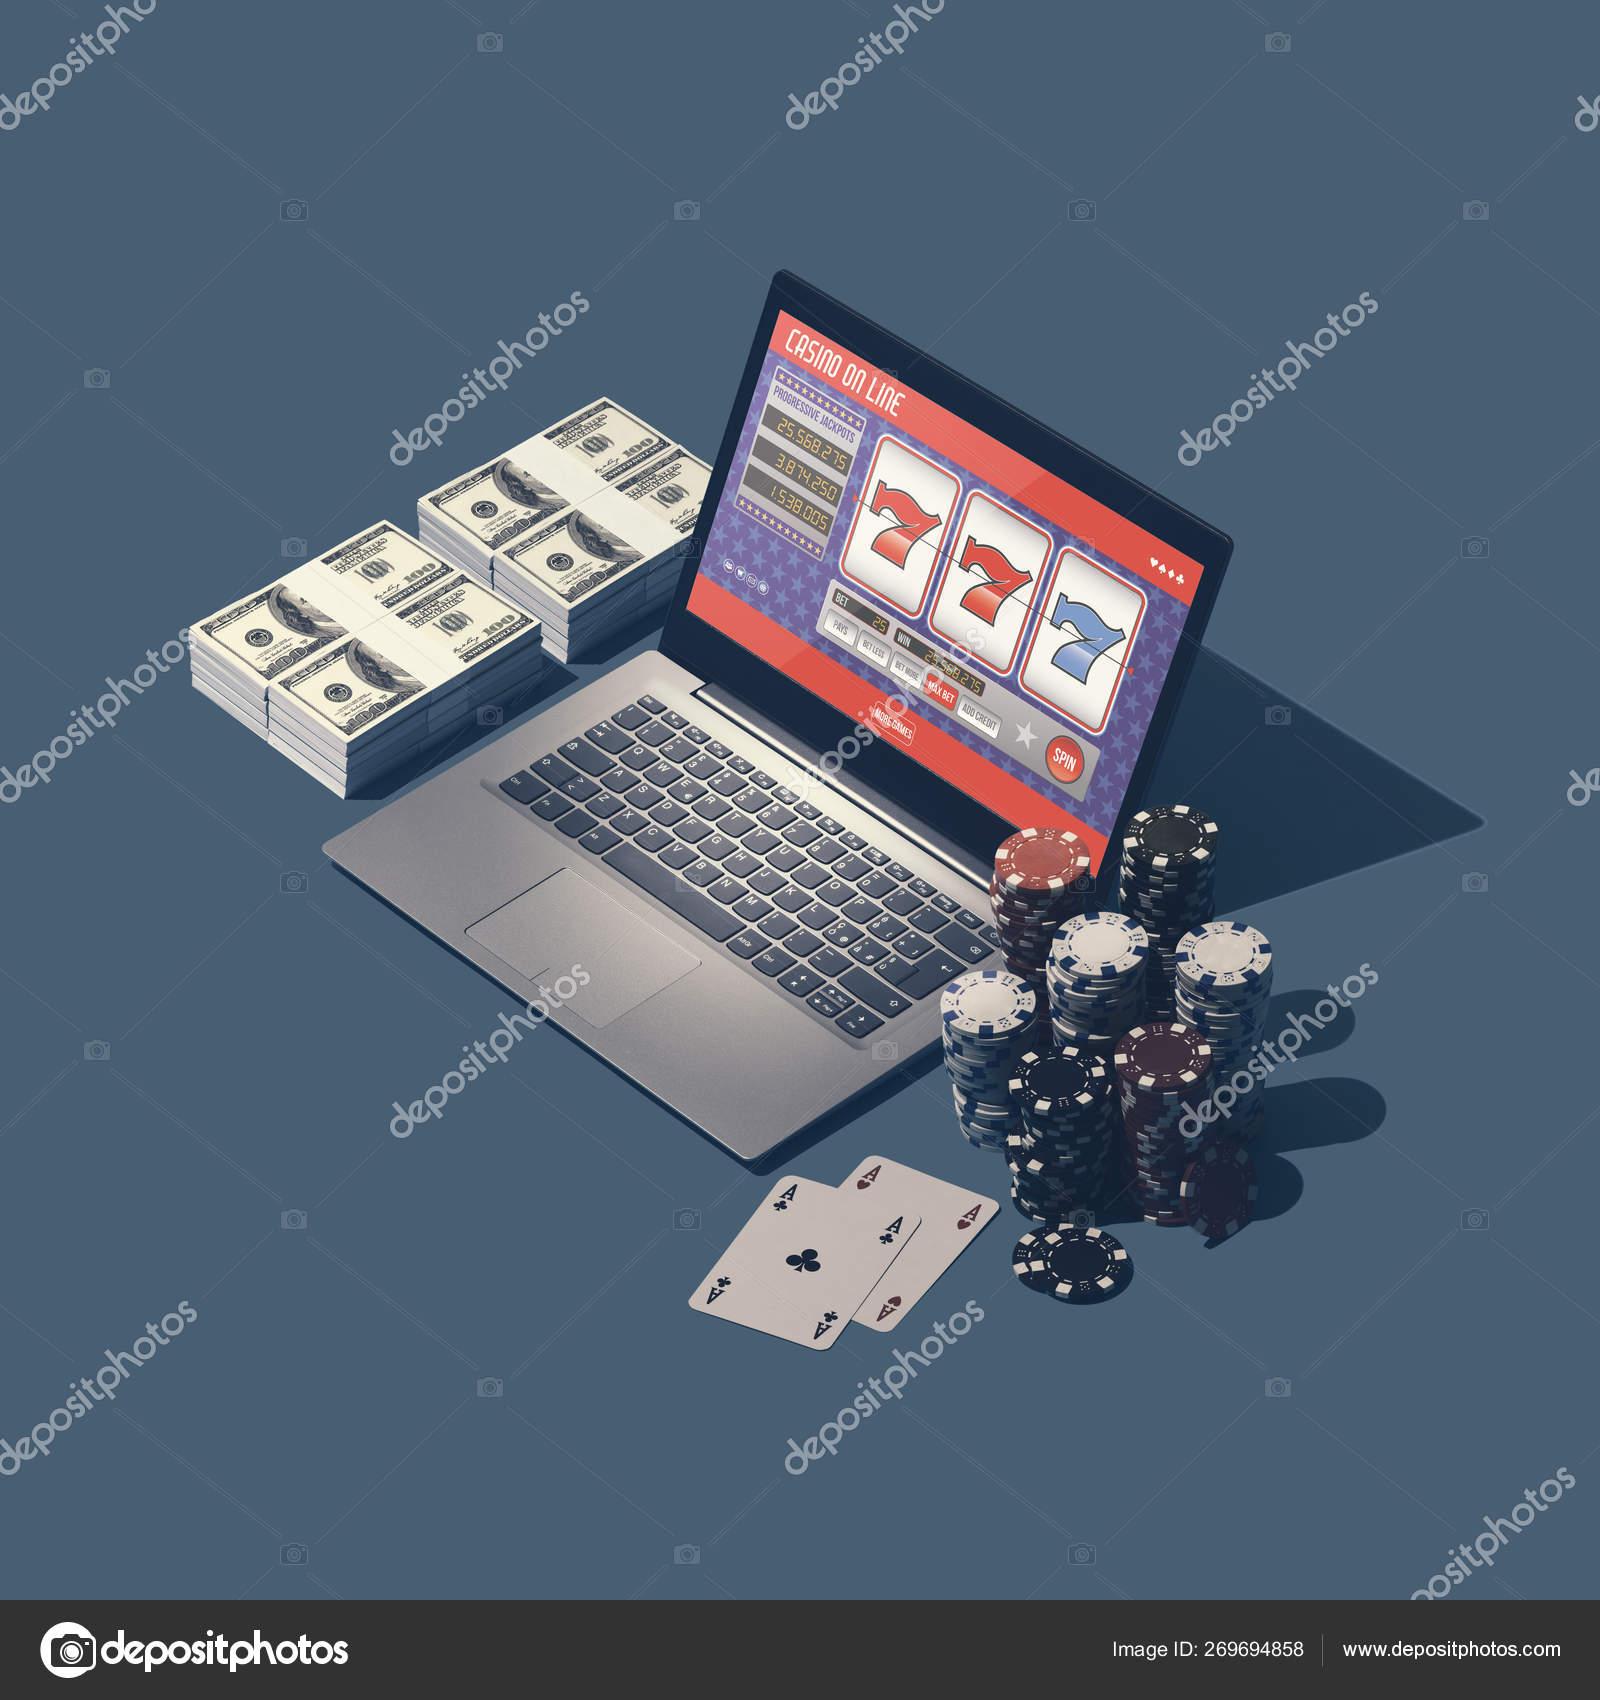 Гадкий койот игровые автоматы рулетка онлайн бесплатно видеочат девушки смотреть девушек